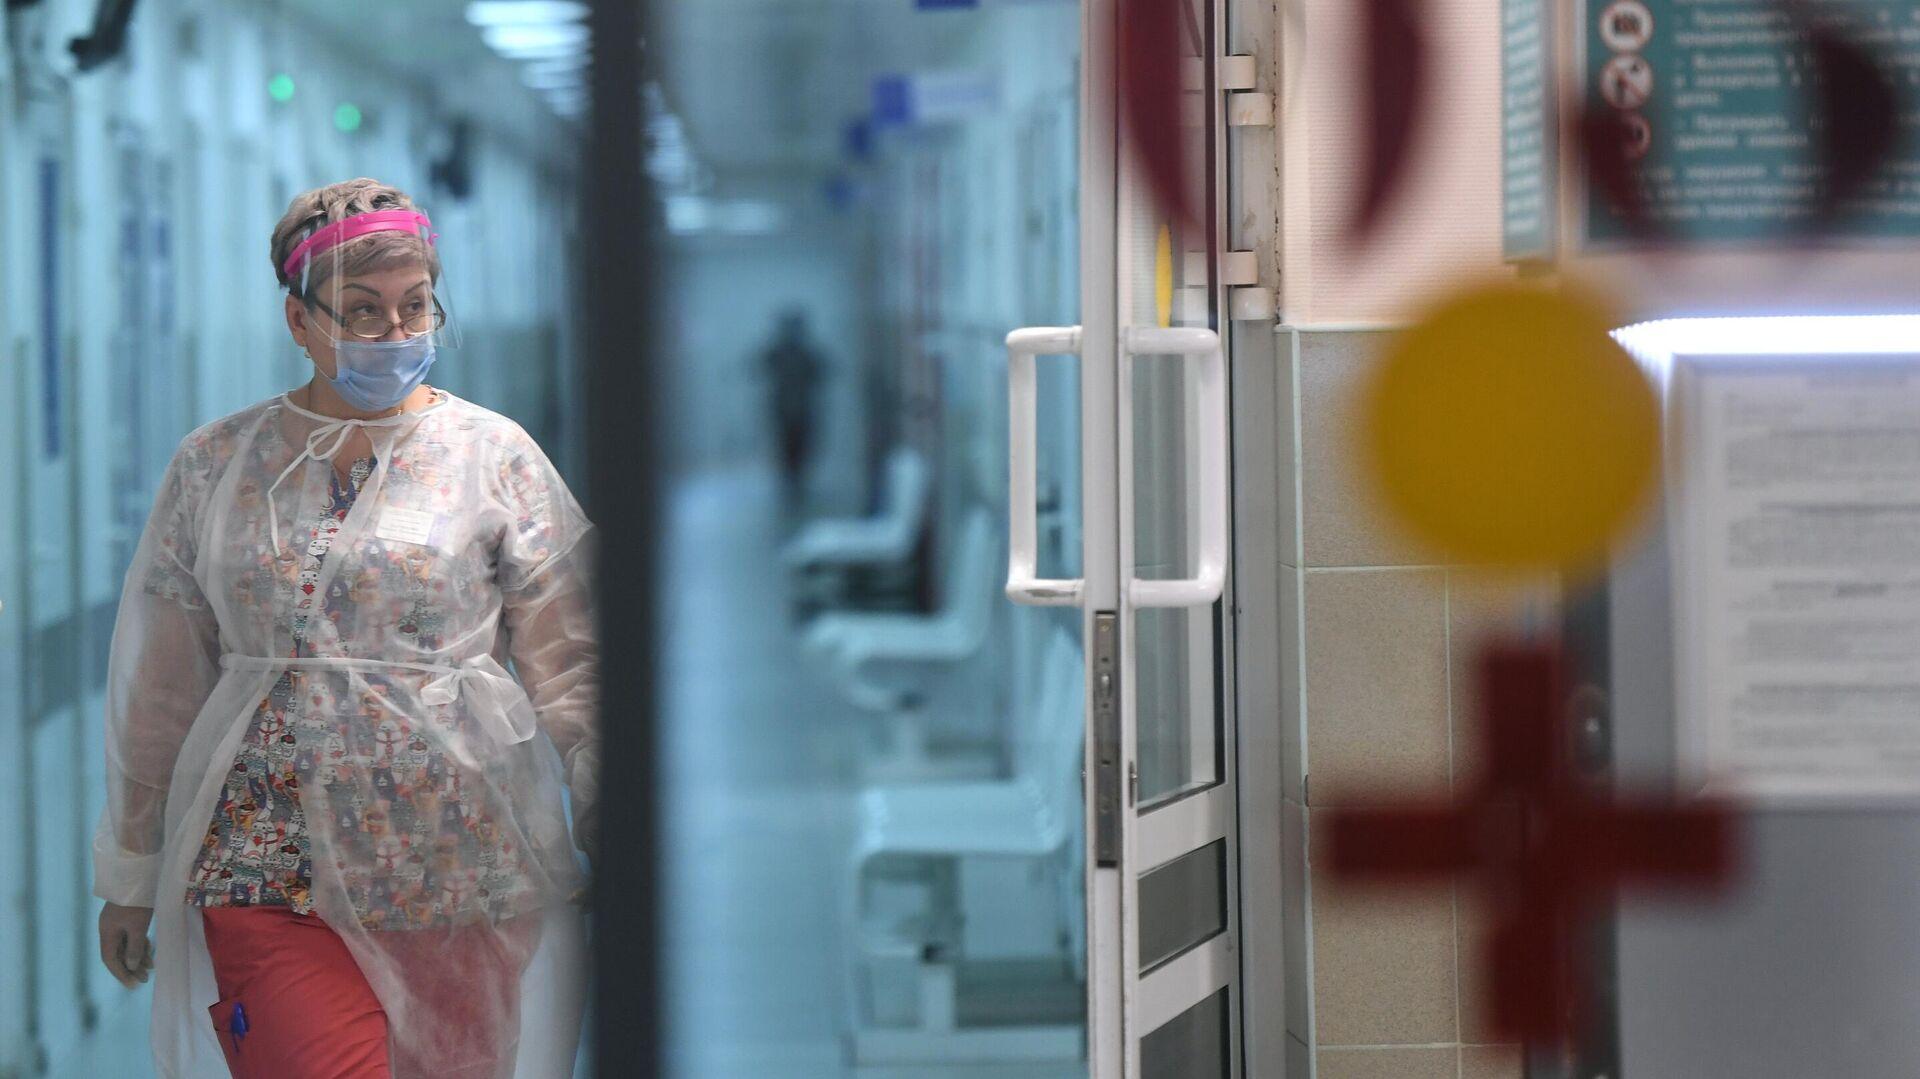 Медицинский работник в городской клинической больнице №15 имени О.М. Филатова - РИА Новости, 1920, 05.03.2021